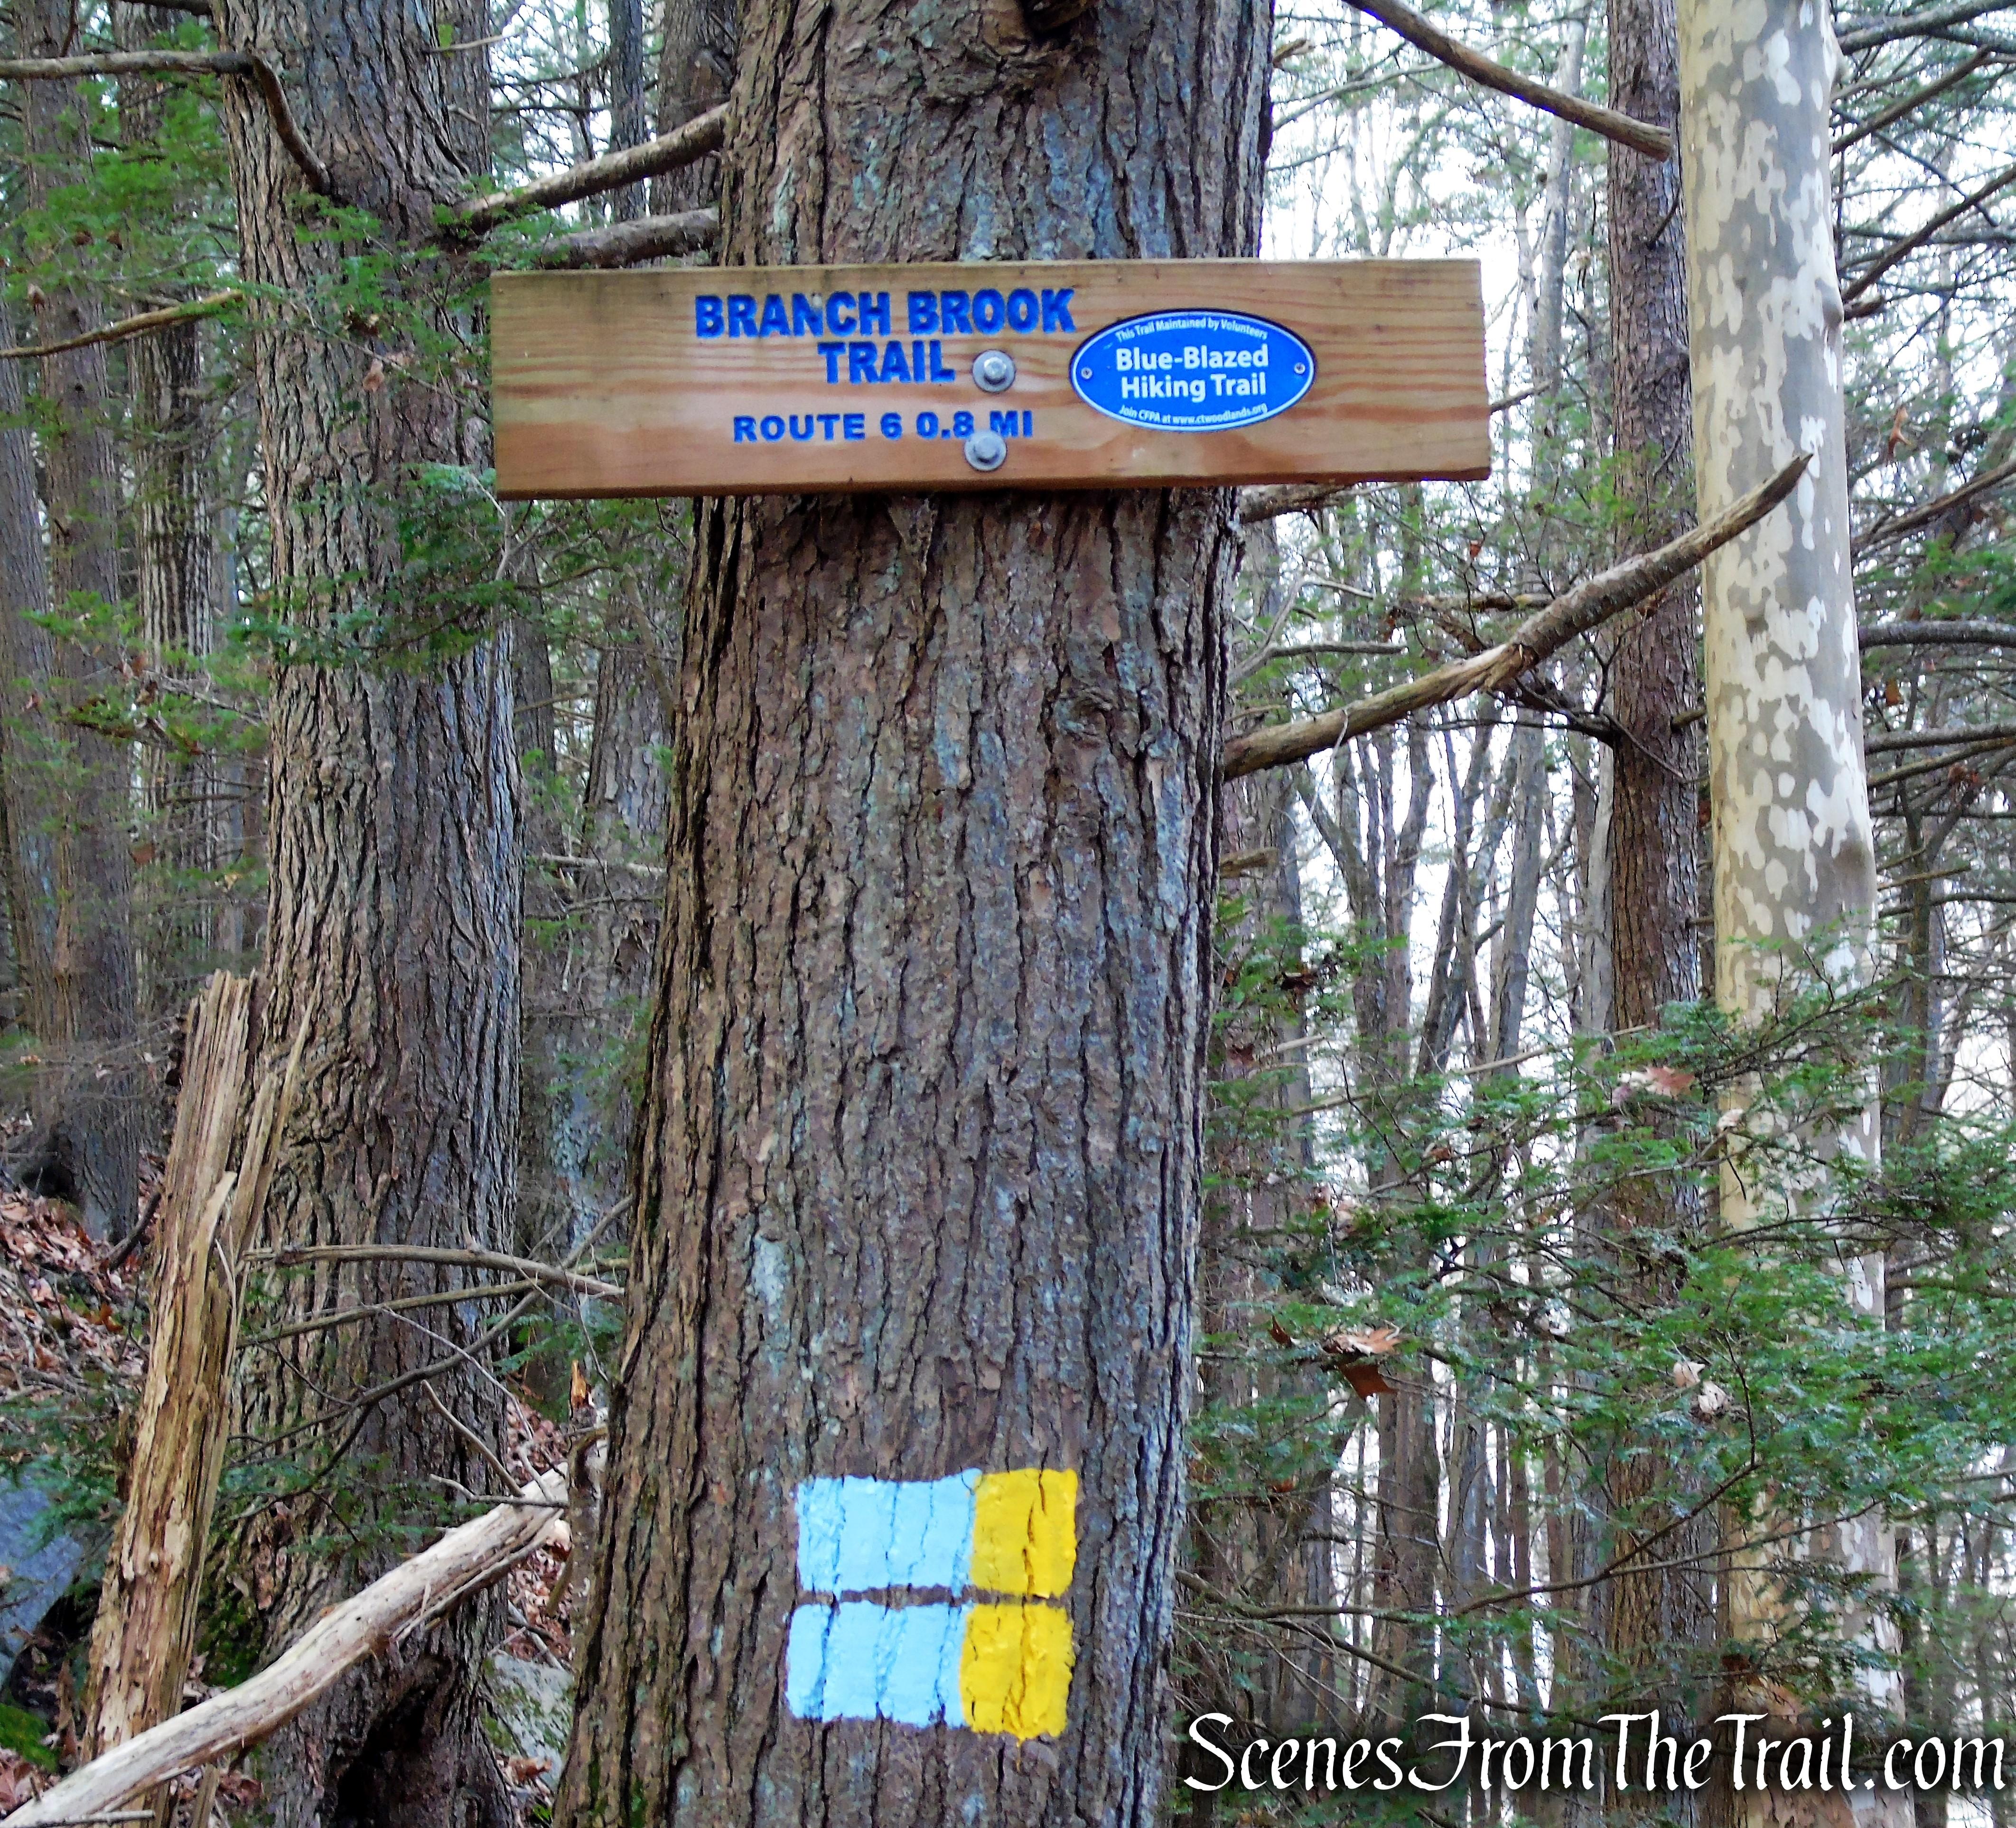 Branch Brook Trail - Mattatuck State Forest